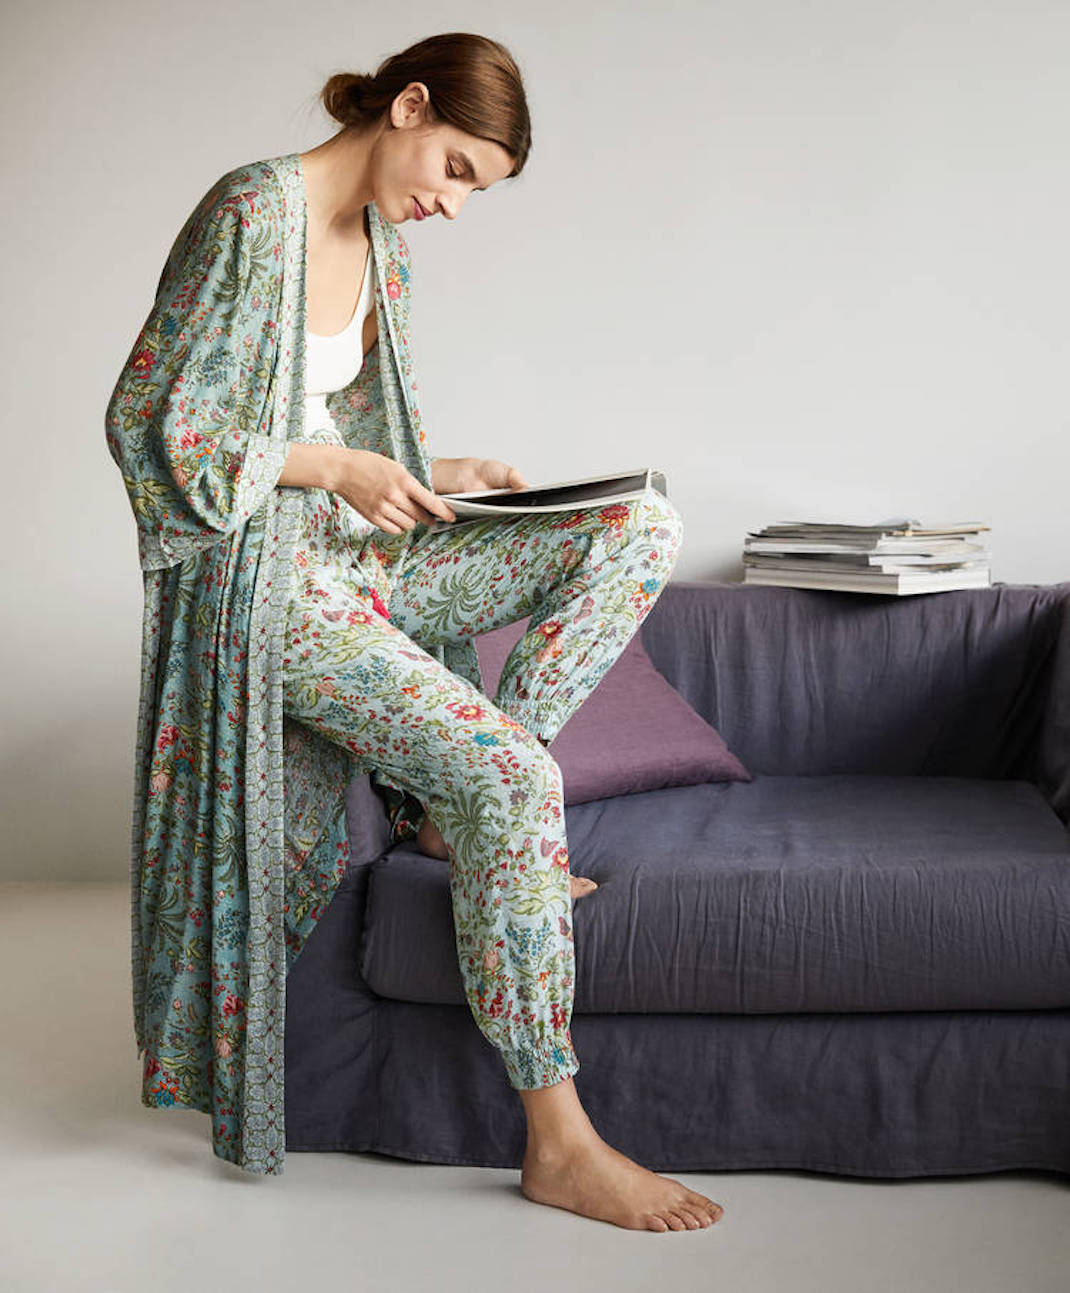 μοντέλο με τη homewear συλλογή των Oysho